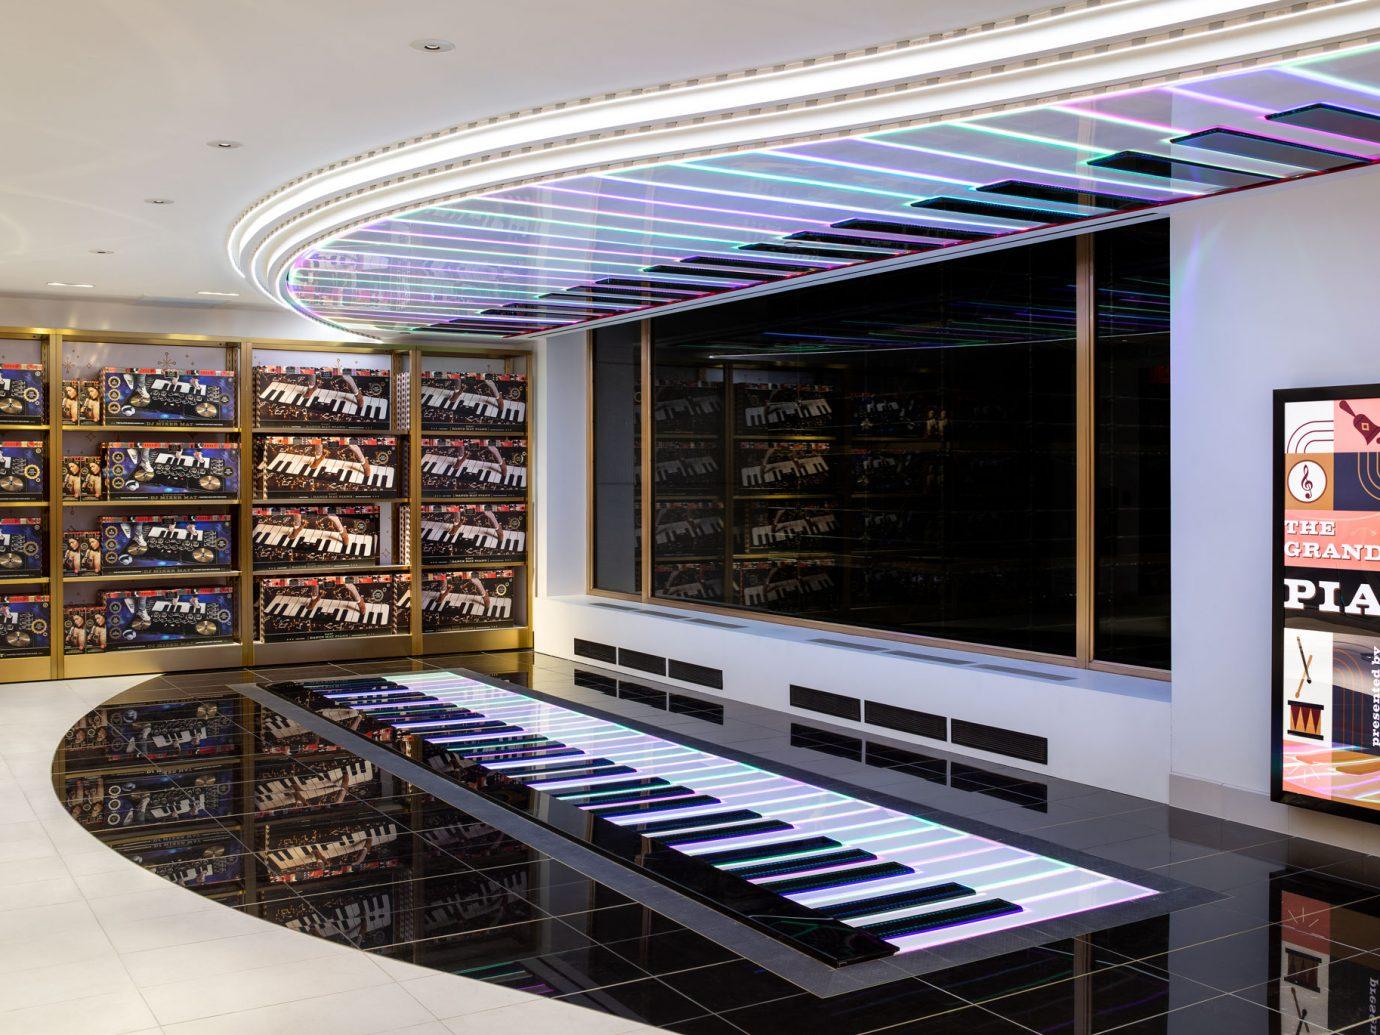 FAO Schwartz large floor piano